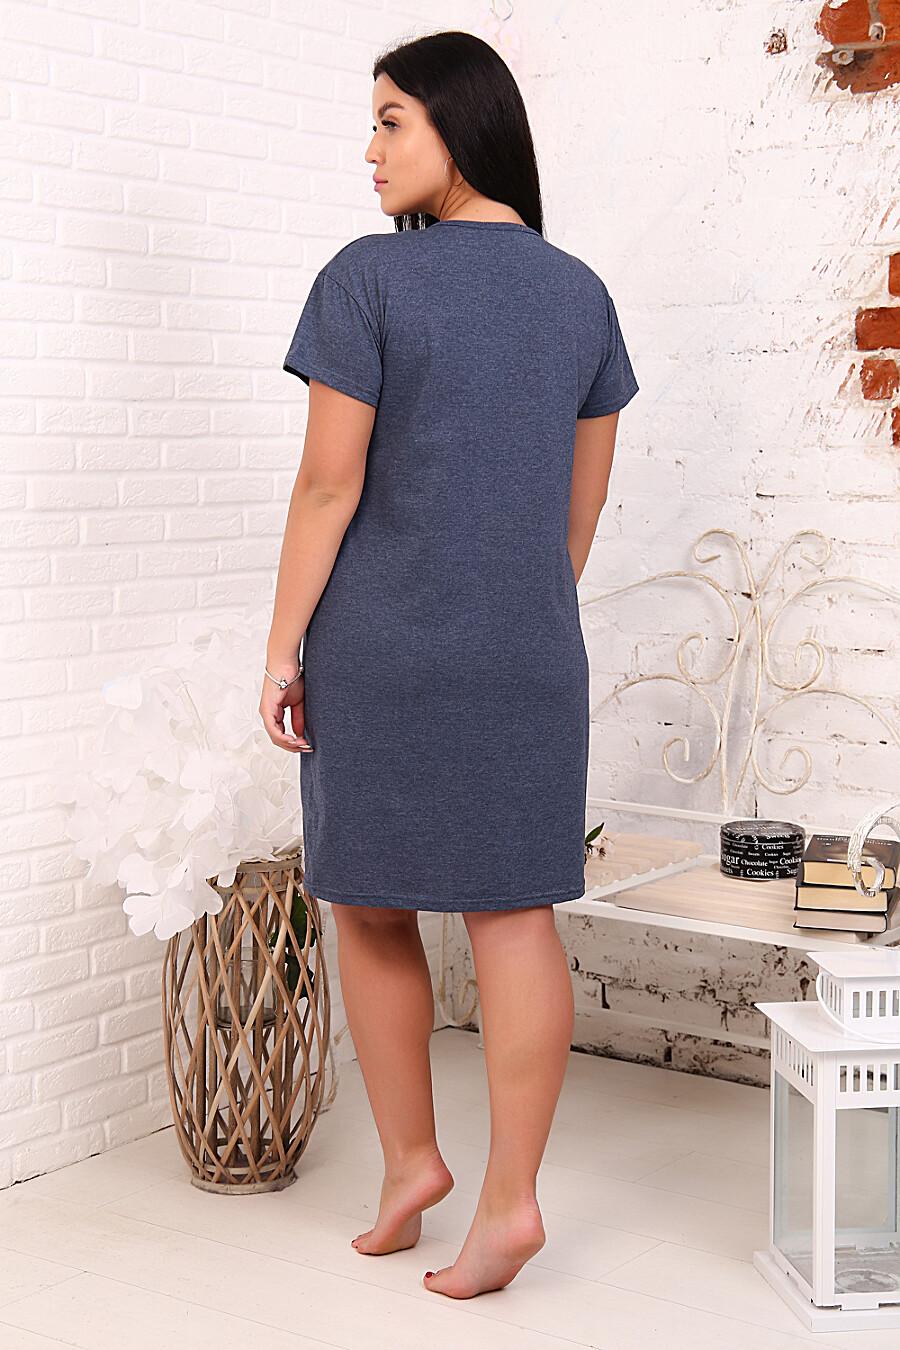 Туника 12699 для женщин НАТАЛИ 289777 купить оптом от производителя. Совместная покупка женской одежды в OptMoyo